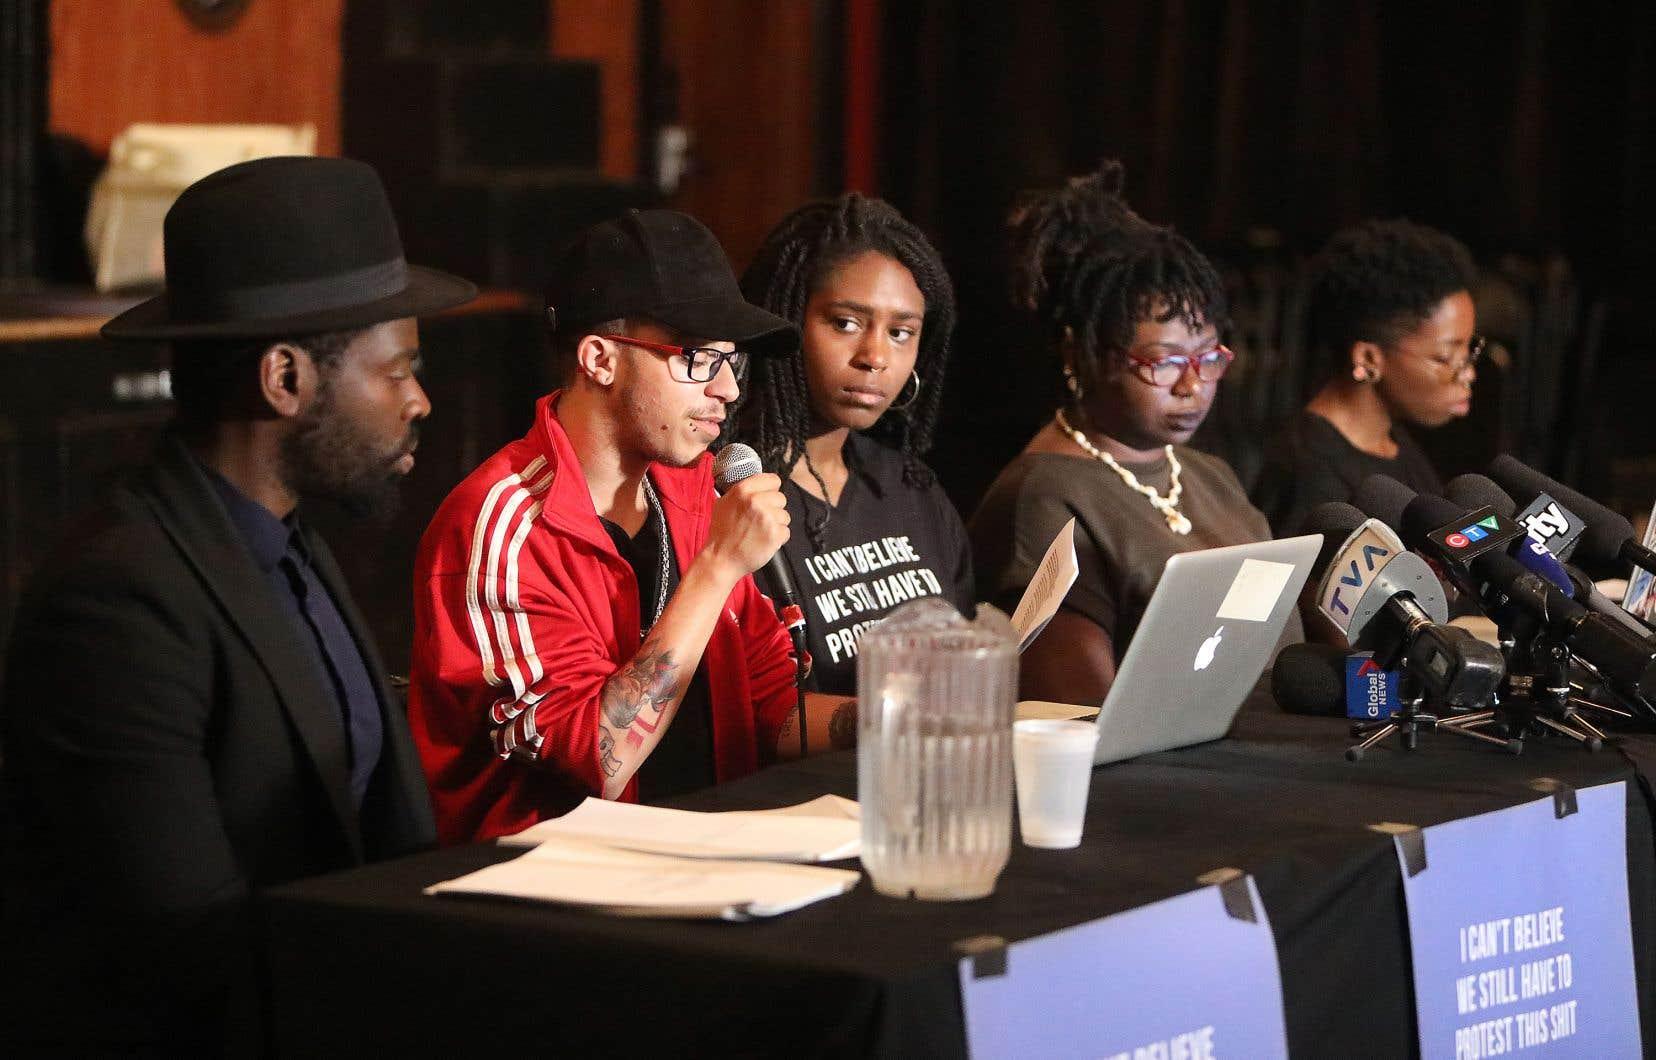 Le collectif SLAV Résistance a rencontré la presse mercredi pour faire état de ses griefs et de ses revendications.